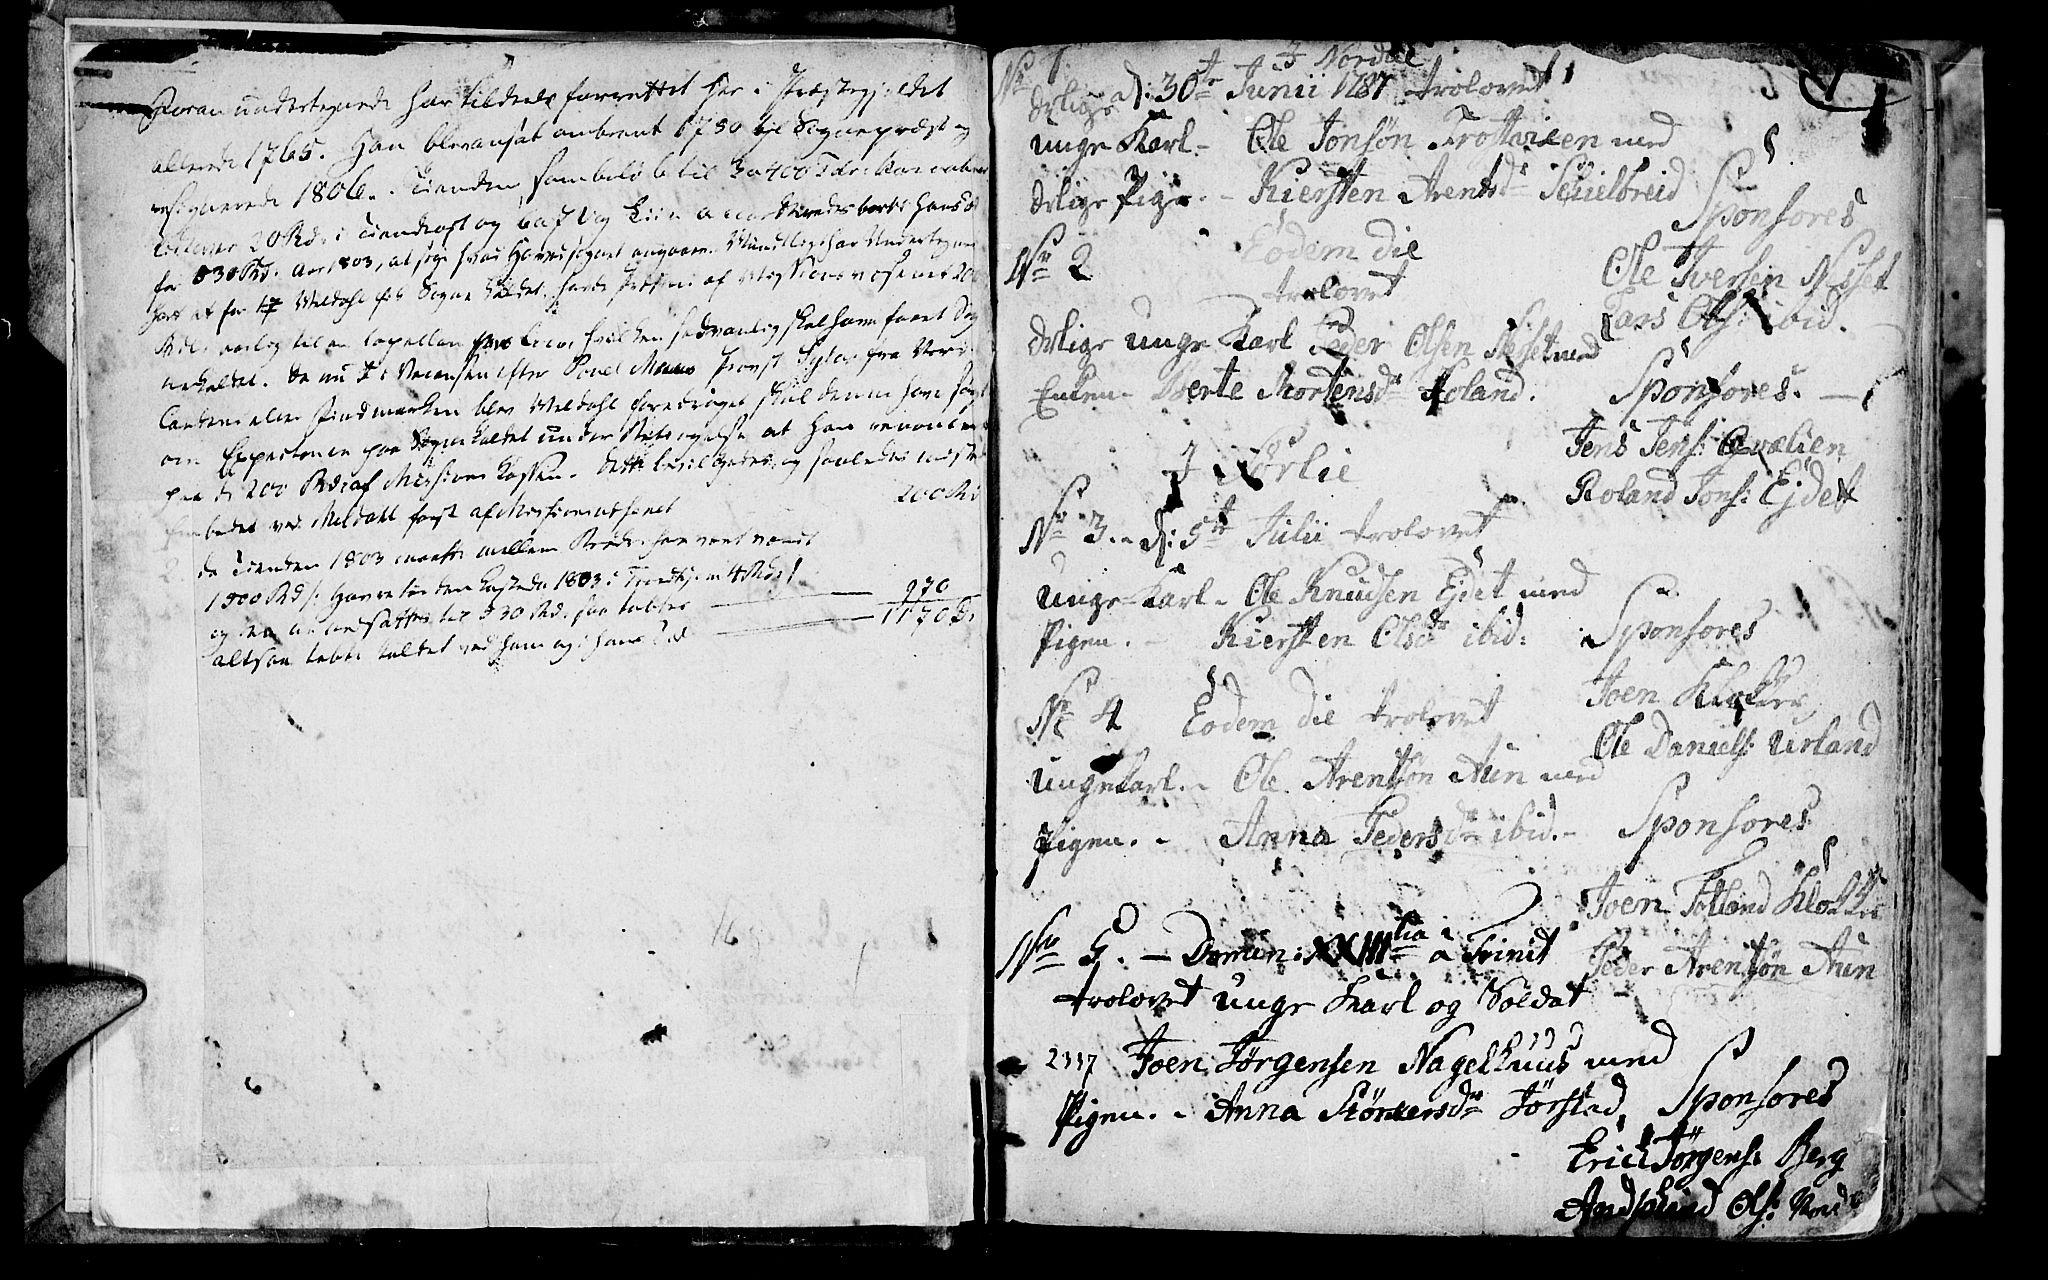 SAT, Ministerialprotokoller, klokkerbøker og fødselsregistre - Nord-Trøndelag, 749/L0468: Ministerialbok nr. 749A02, 1787-1817, s. 0-1